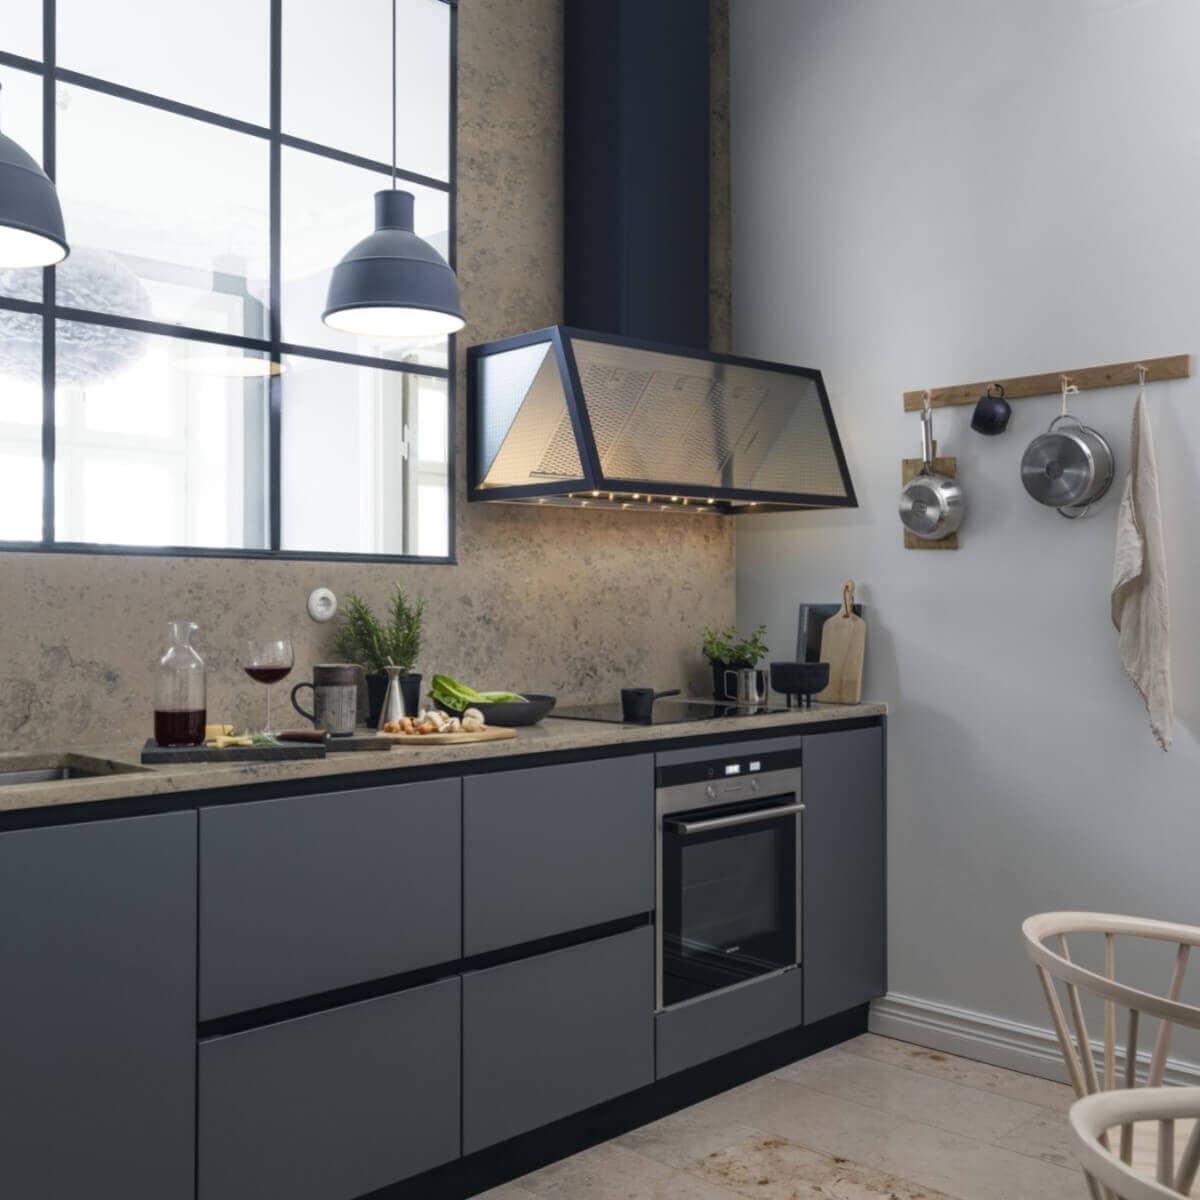 Vägghängda köksfläkten Fasett i svart utförande i modern köksmiljö med industrifönster och gråblåa köksluckor.